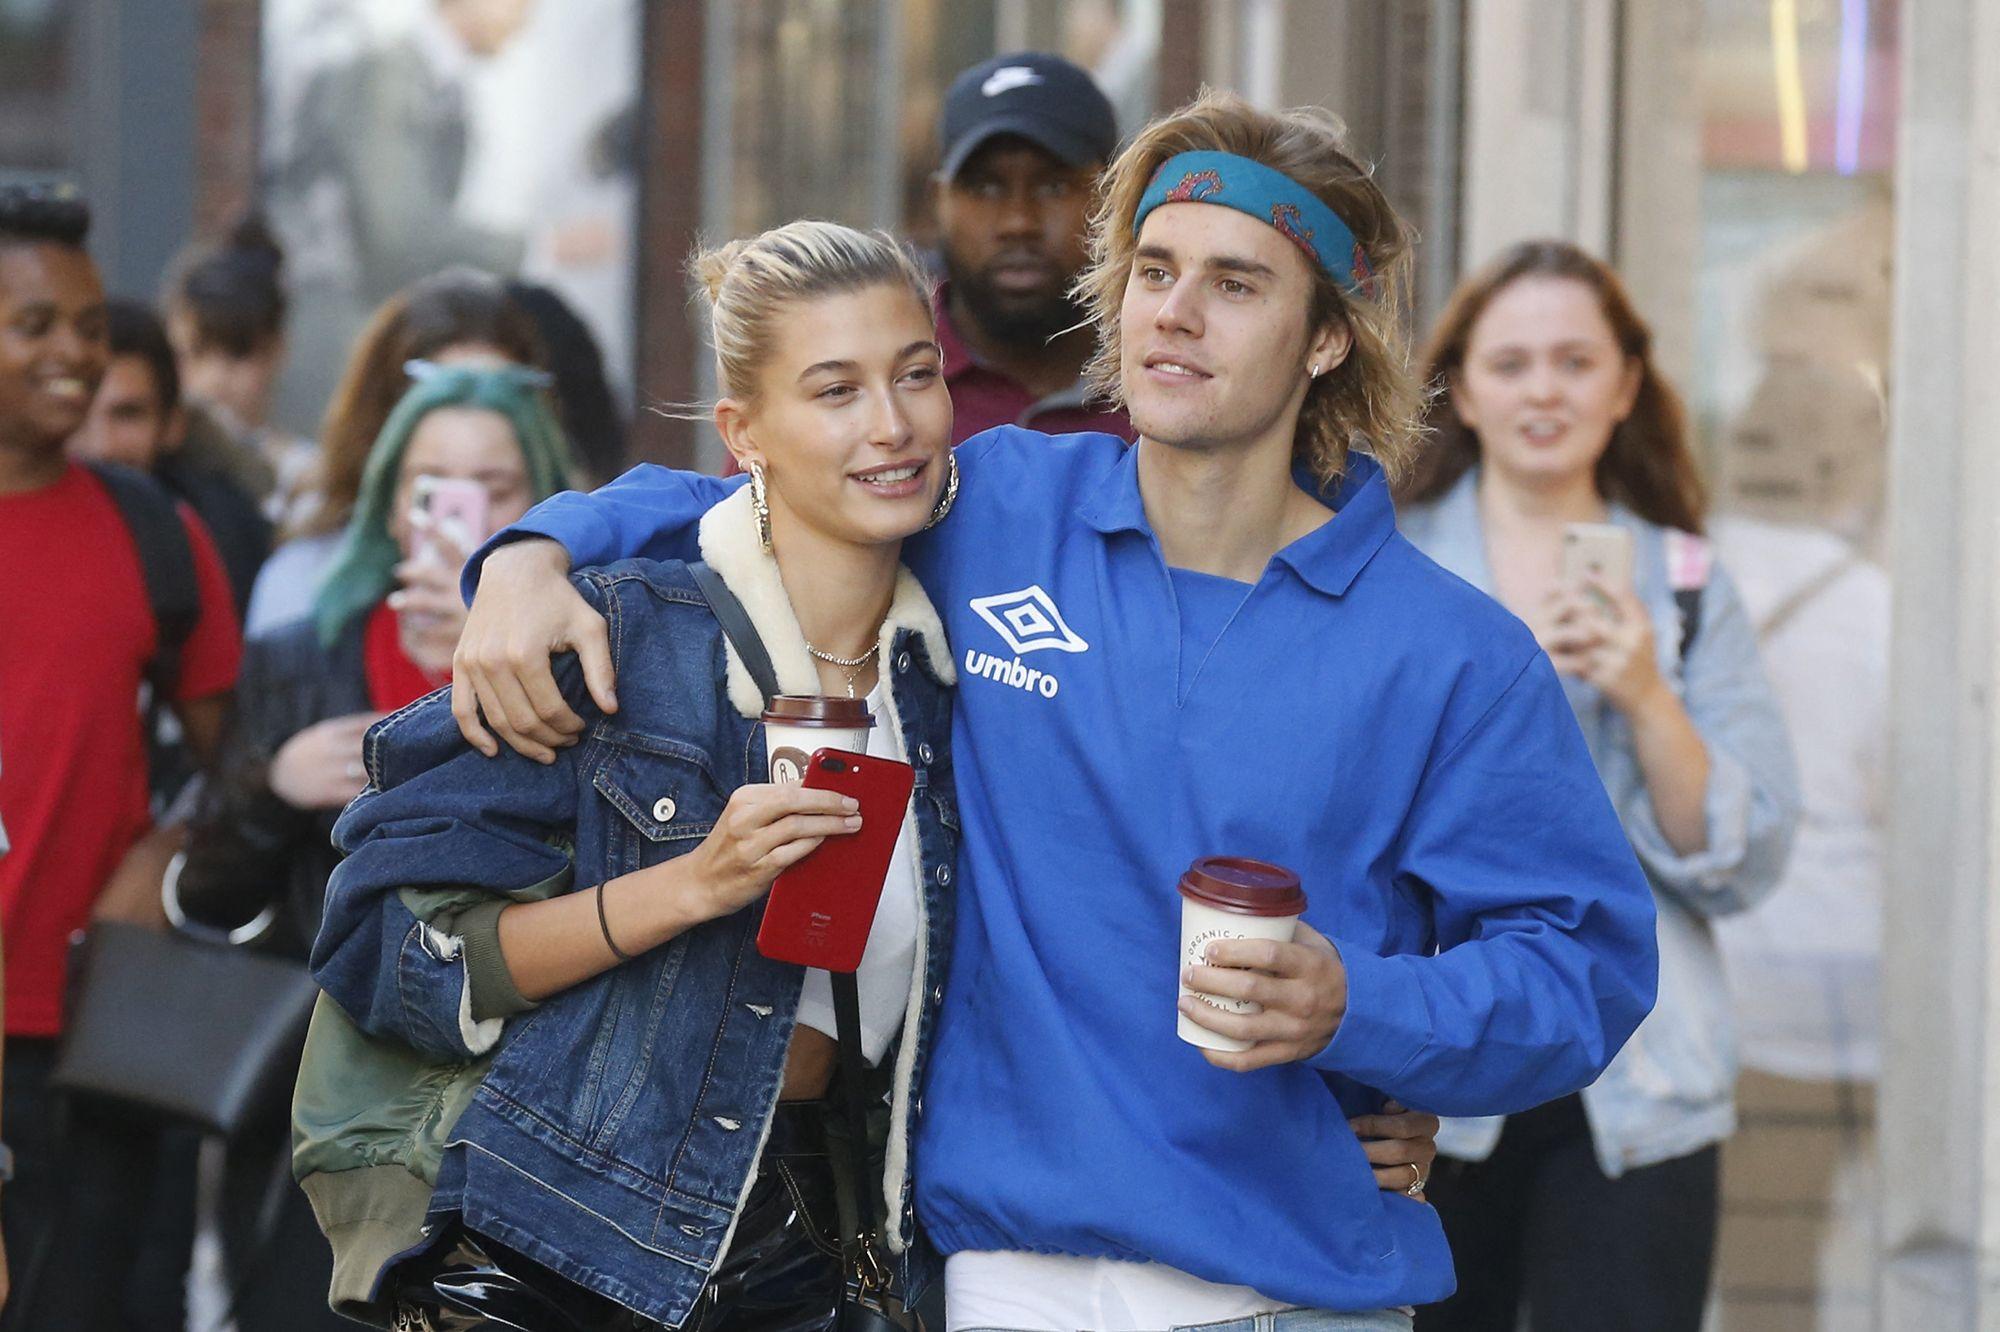 Le touchant poème de Justin Bieber pour sa femme Hailey Baldwin